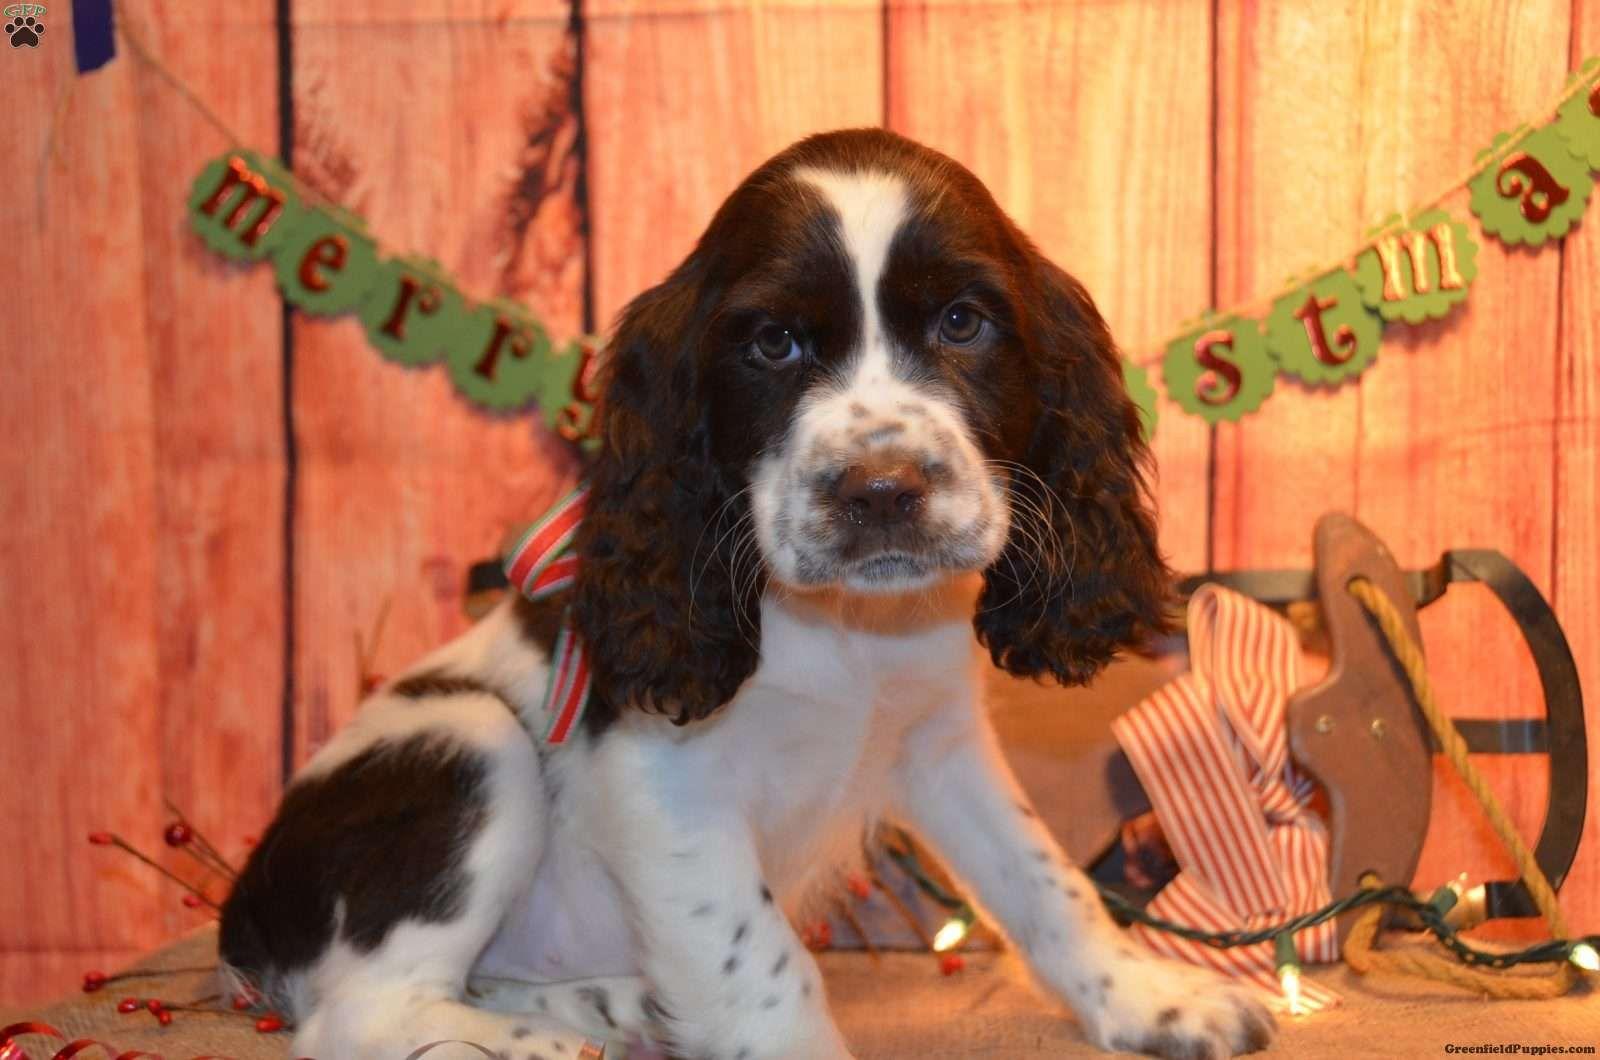 Ckcs Darling Dogs Cavalier King Charles Cute Dogs And Puppies Cavalier King Charles Spaniel